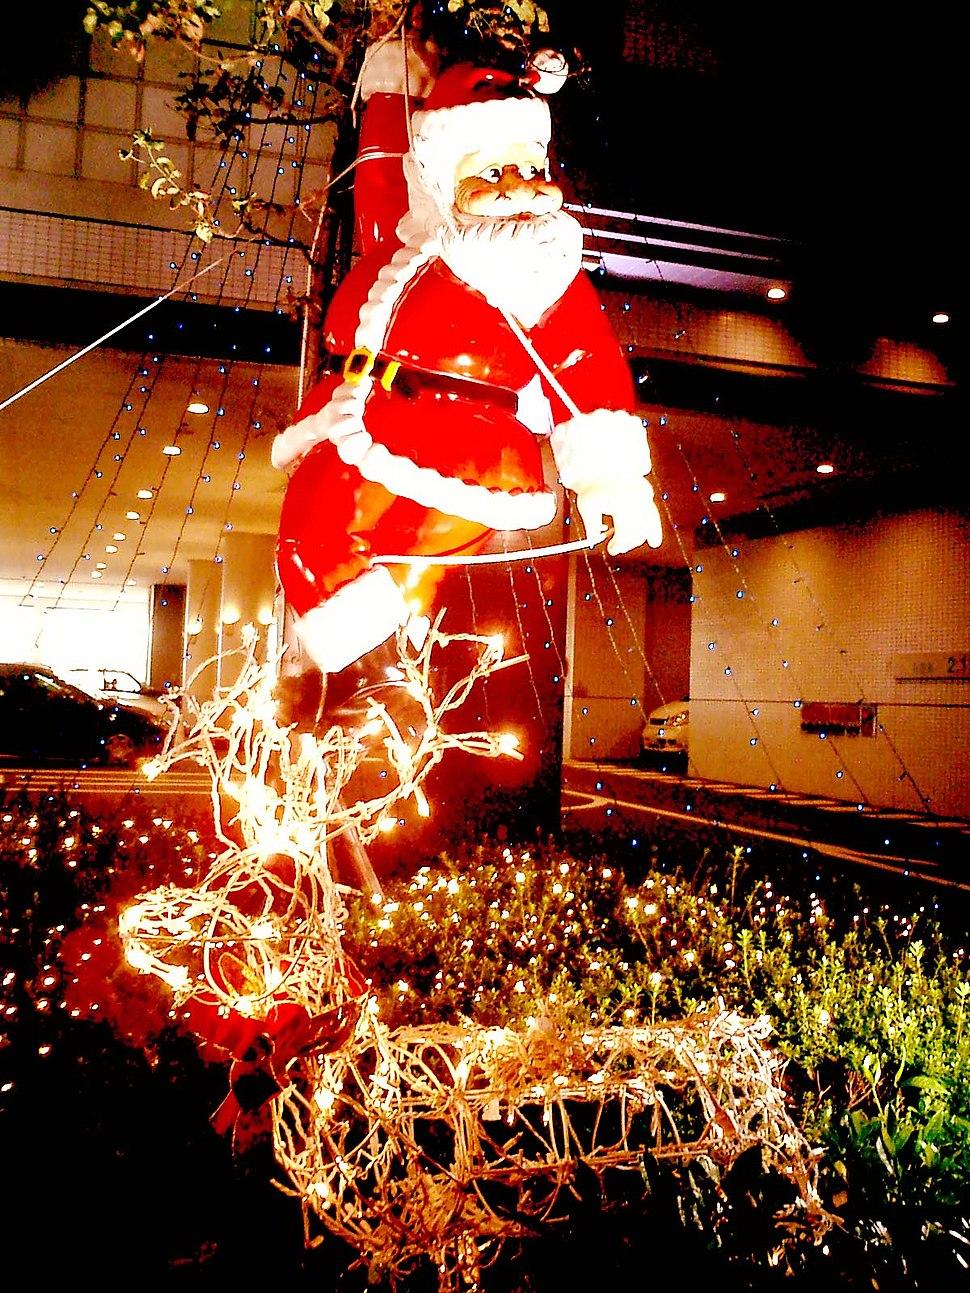 Santa Claus kobe